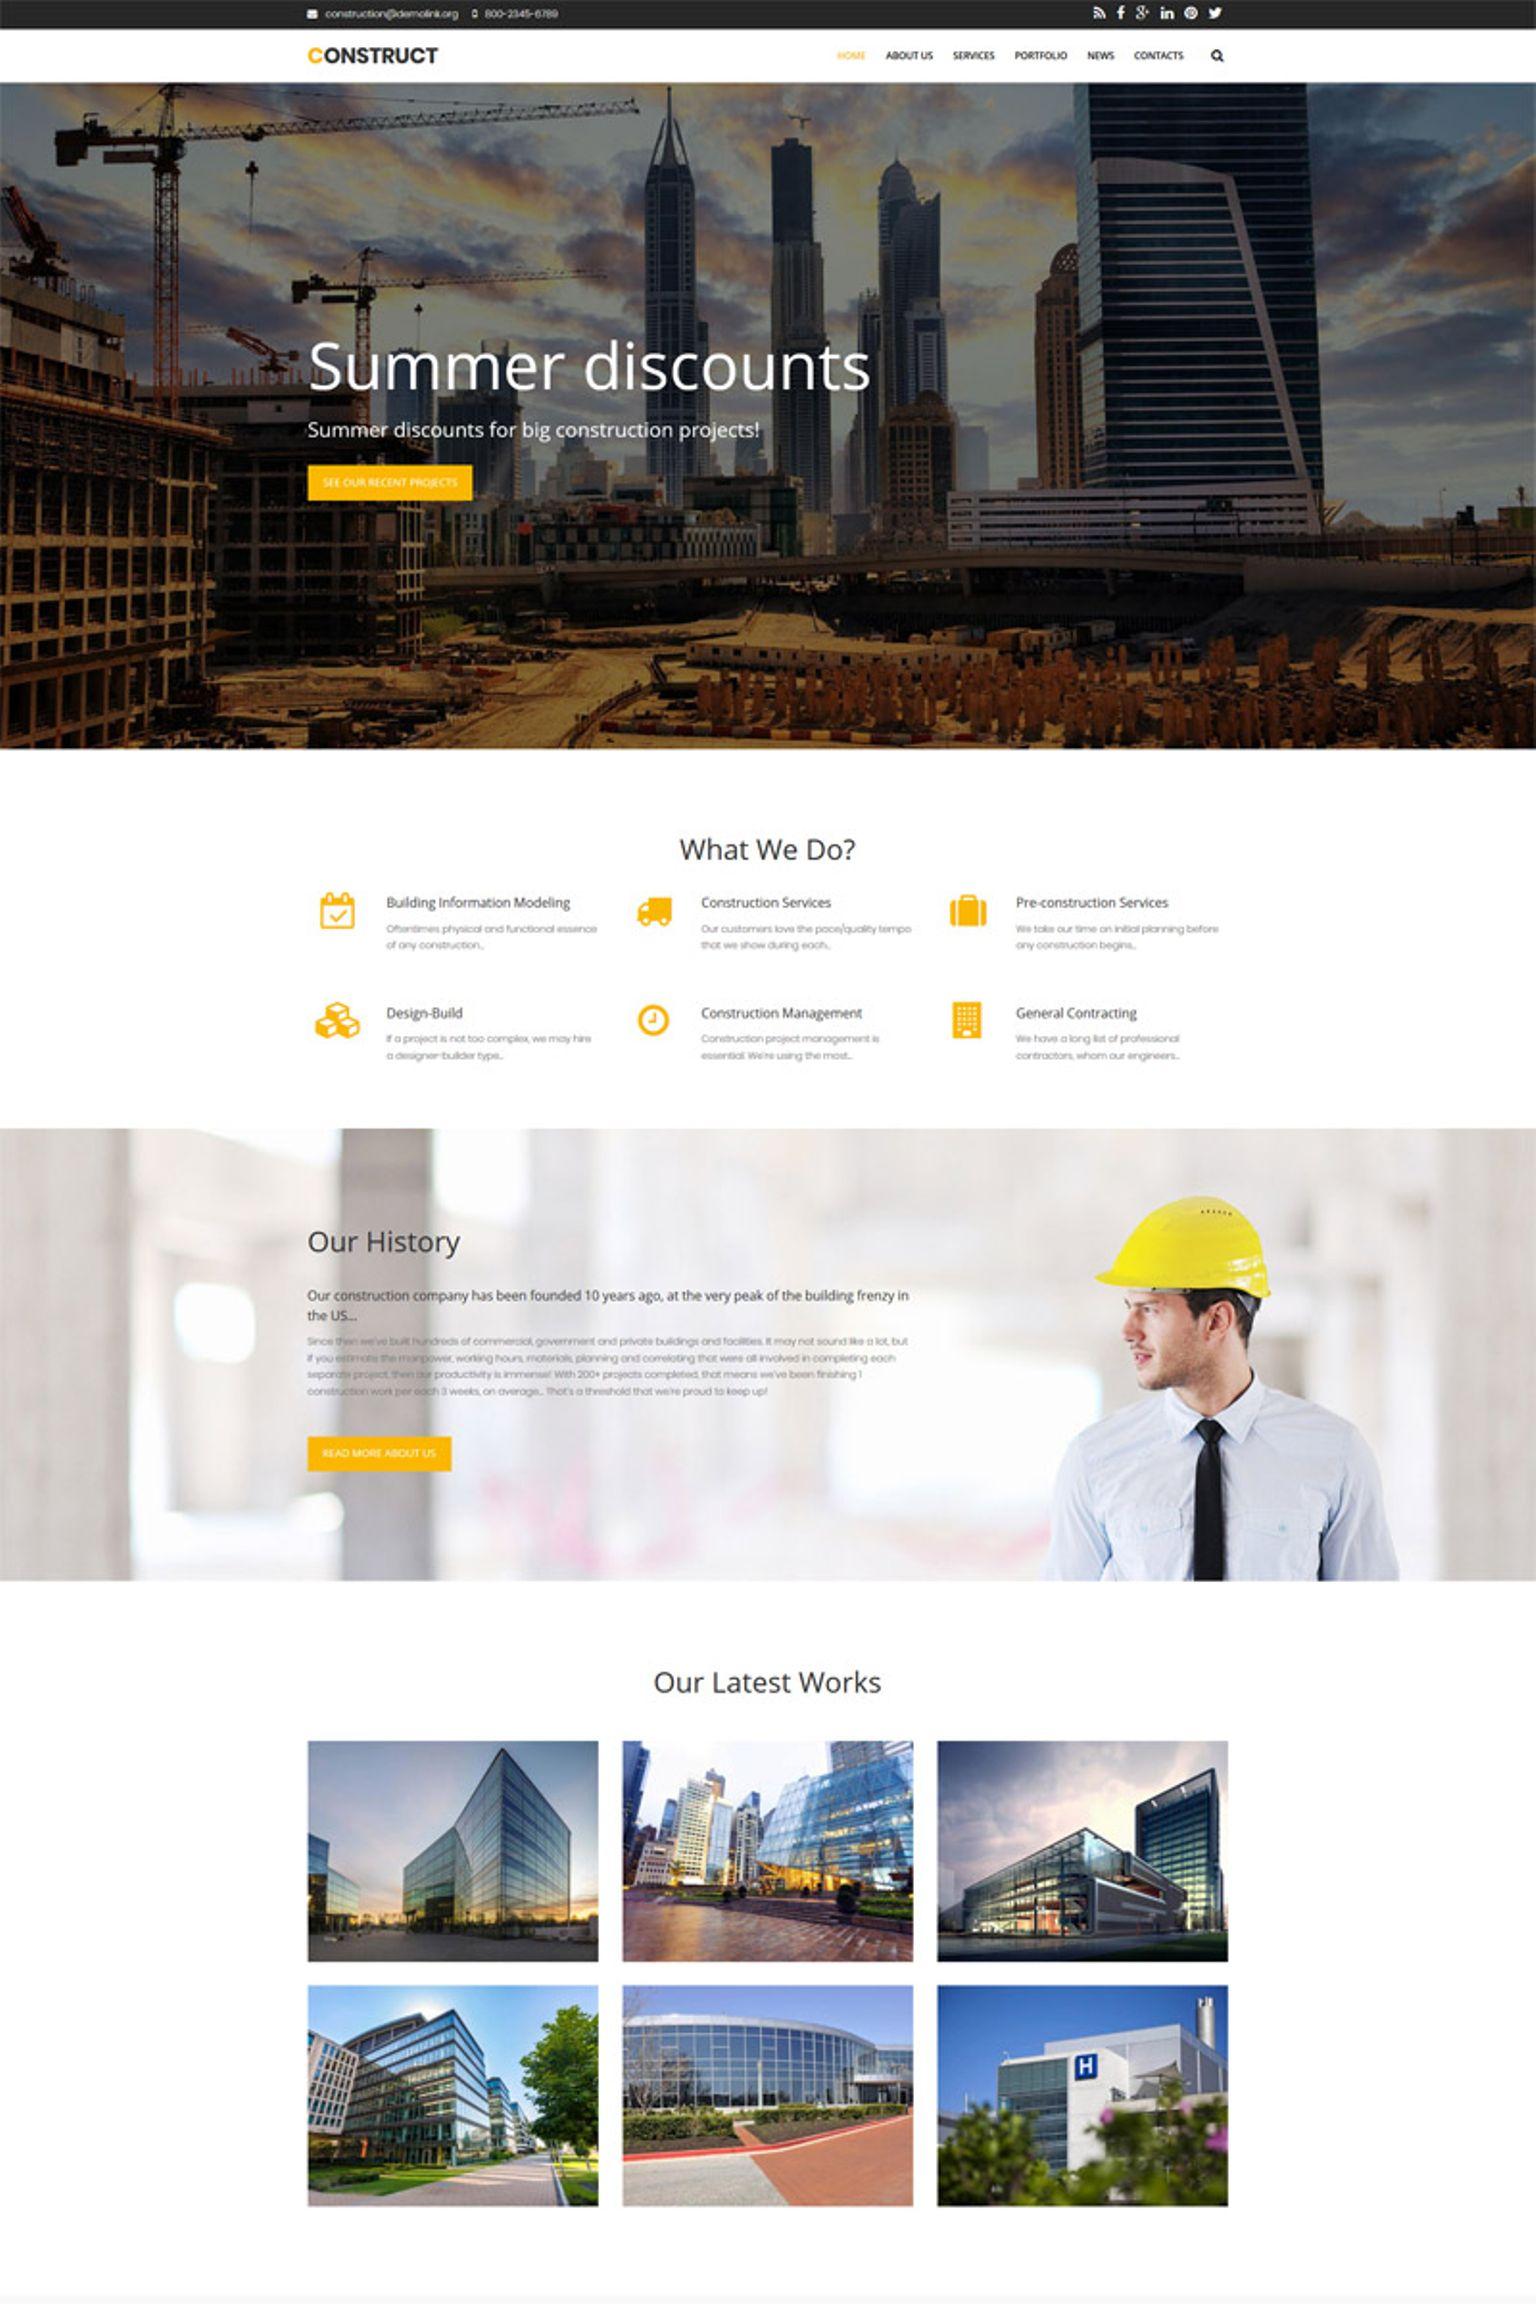 Construct - Construction Premium Template Drupal №65491